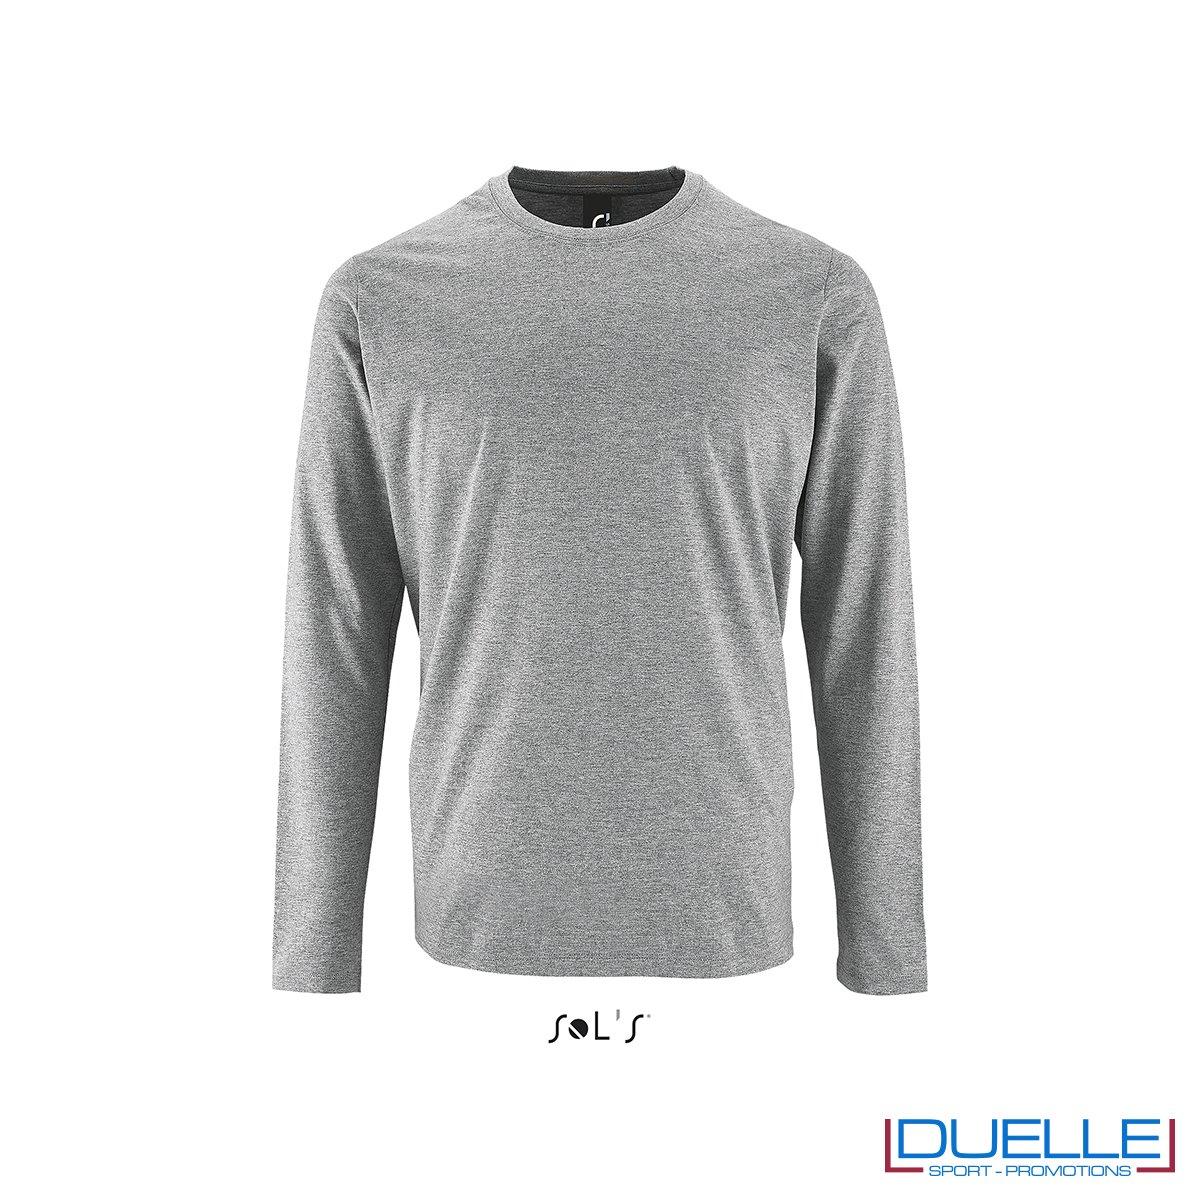 Maglietta manica lunga uomo personalizzata colore grigio melange